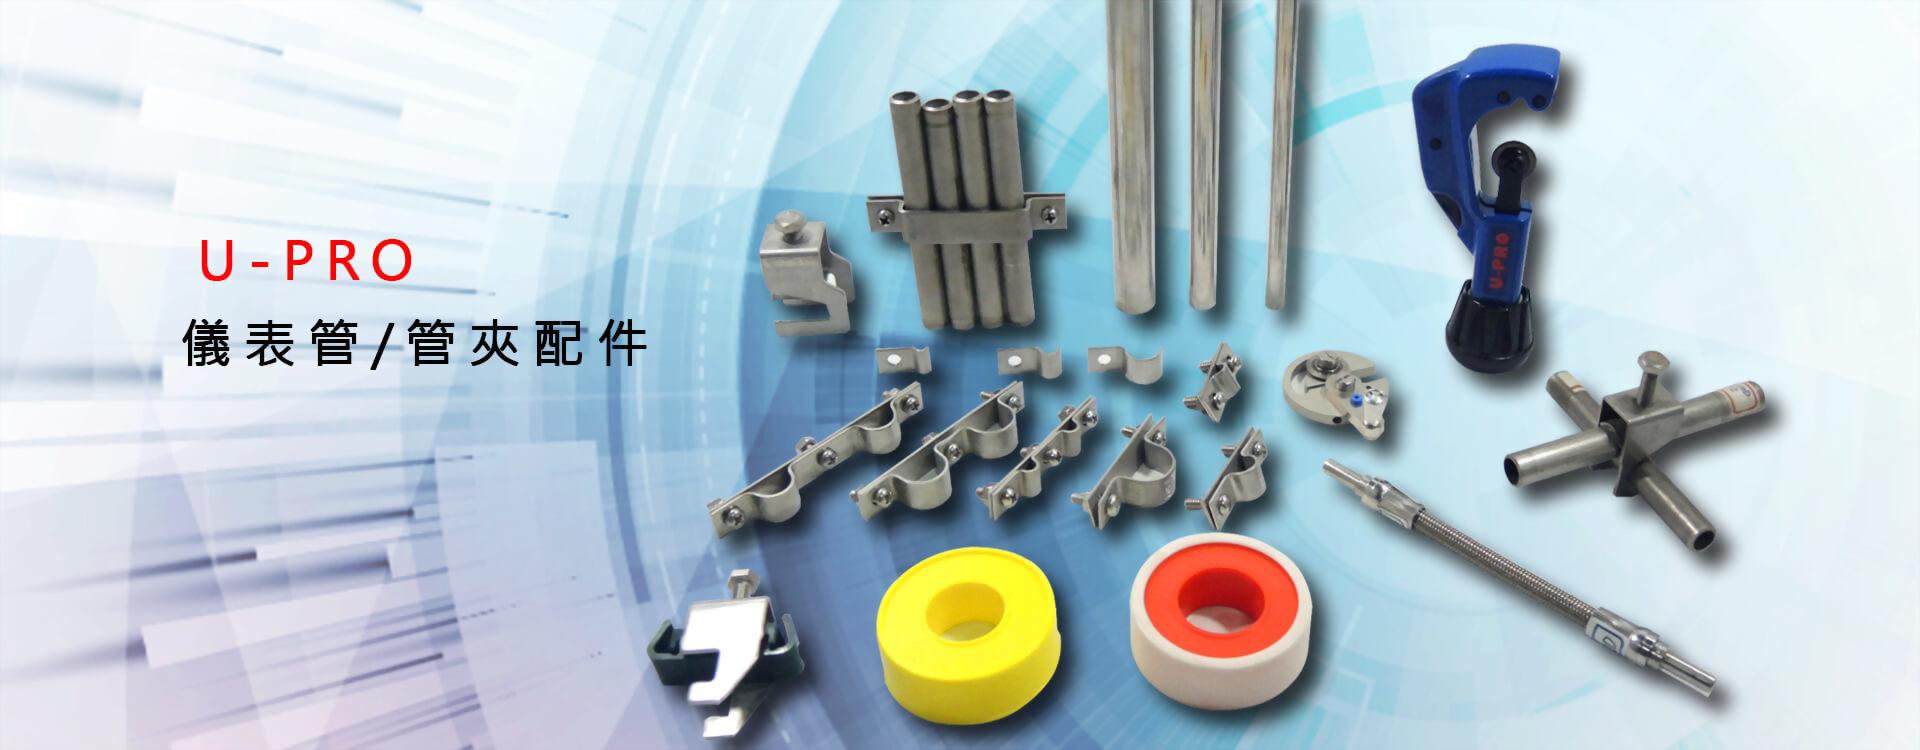 :儀表管/管夾配件